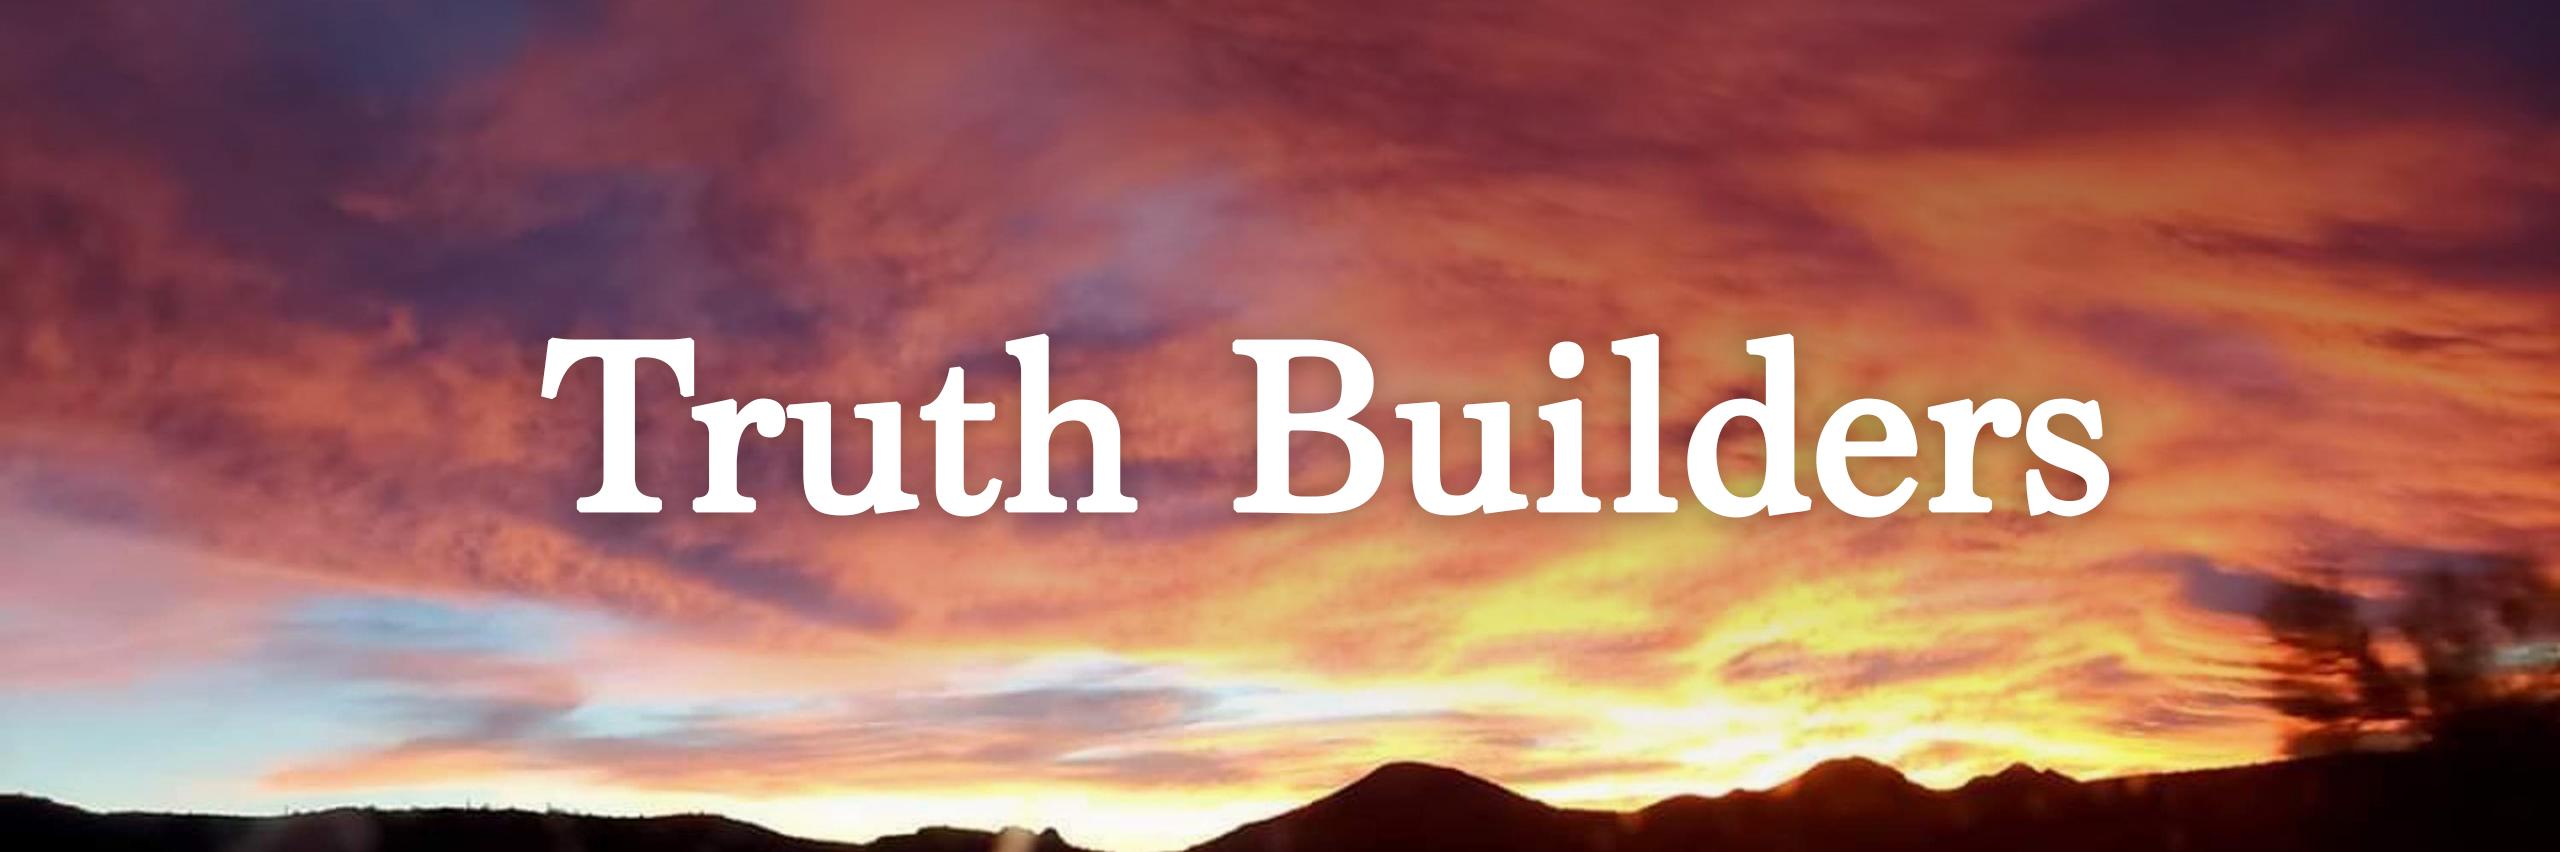 Truth_Builder-header02